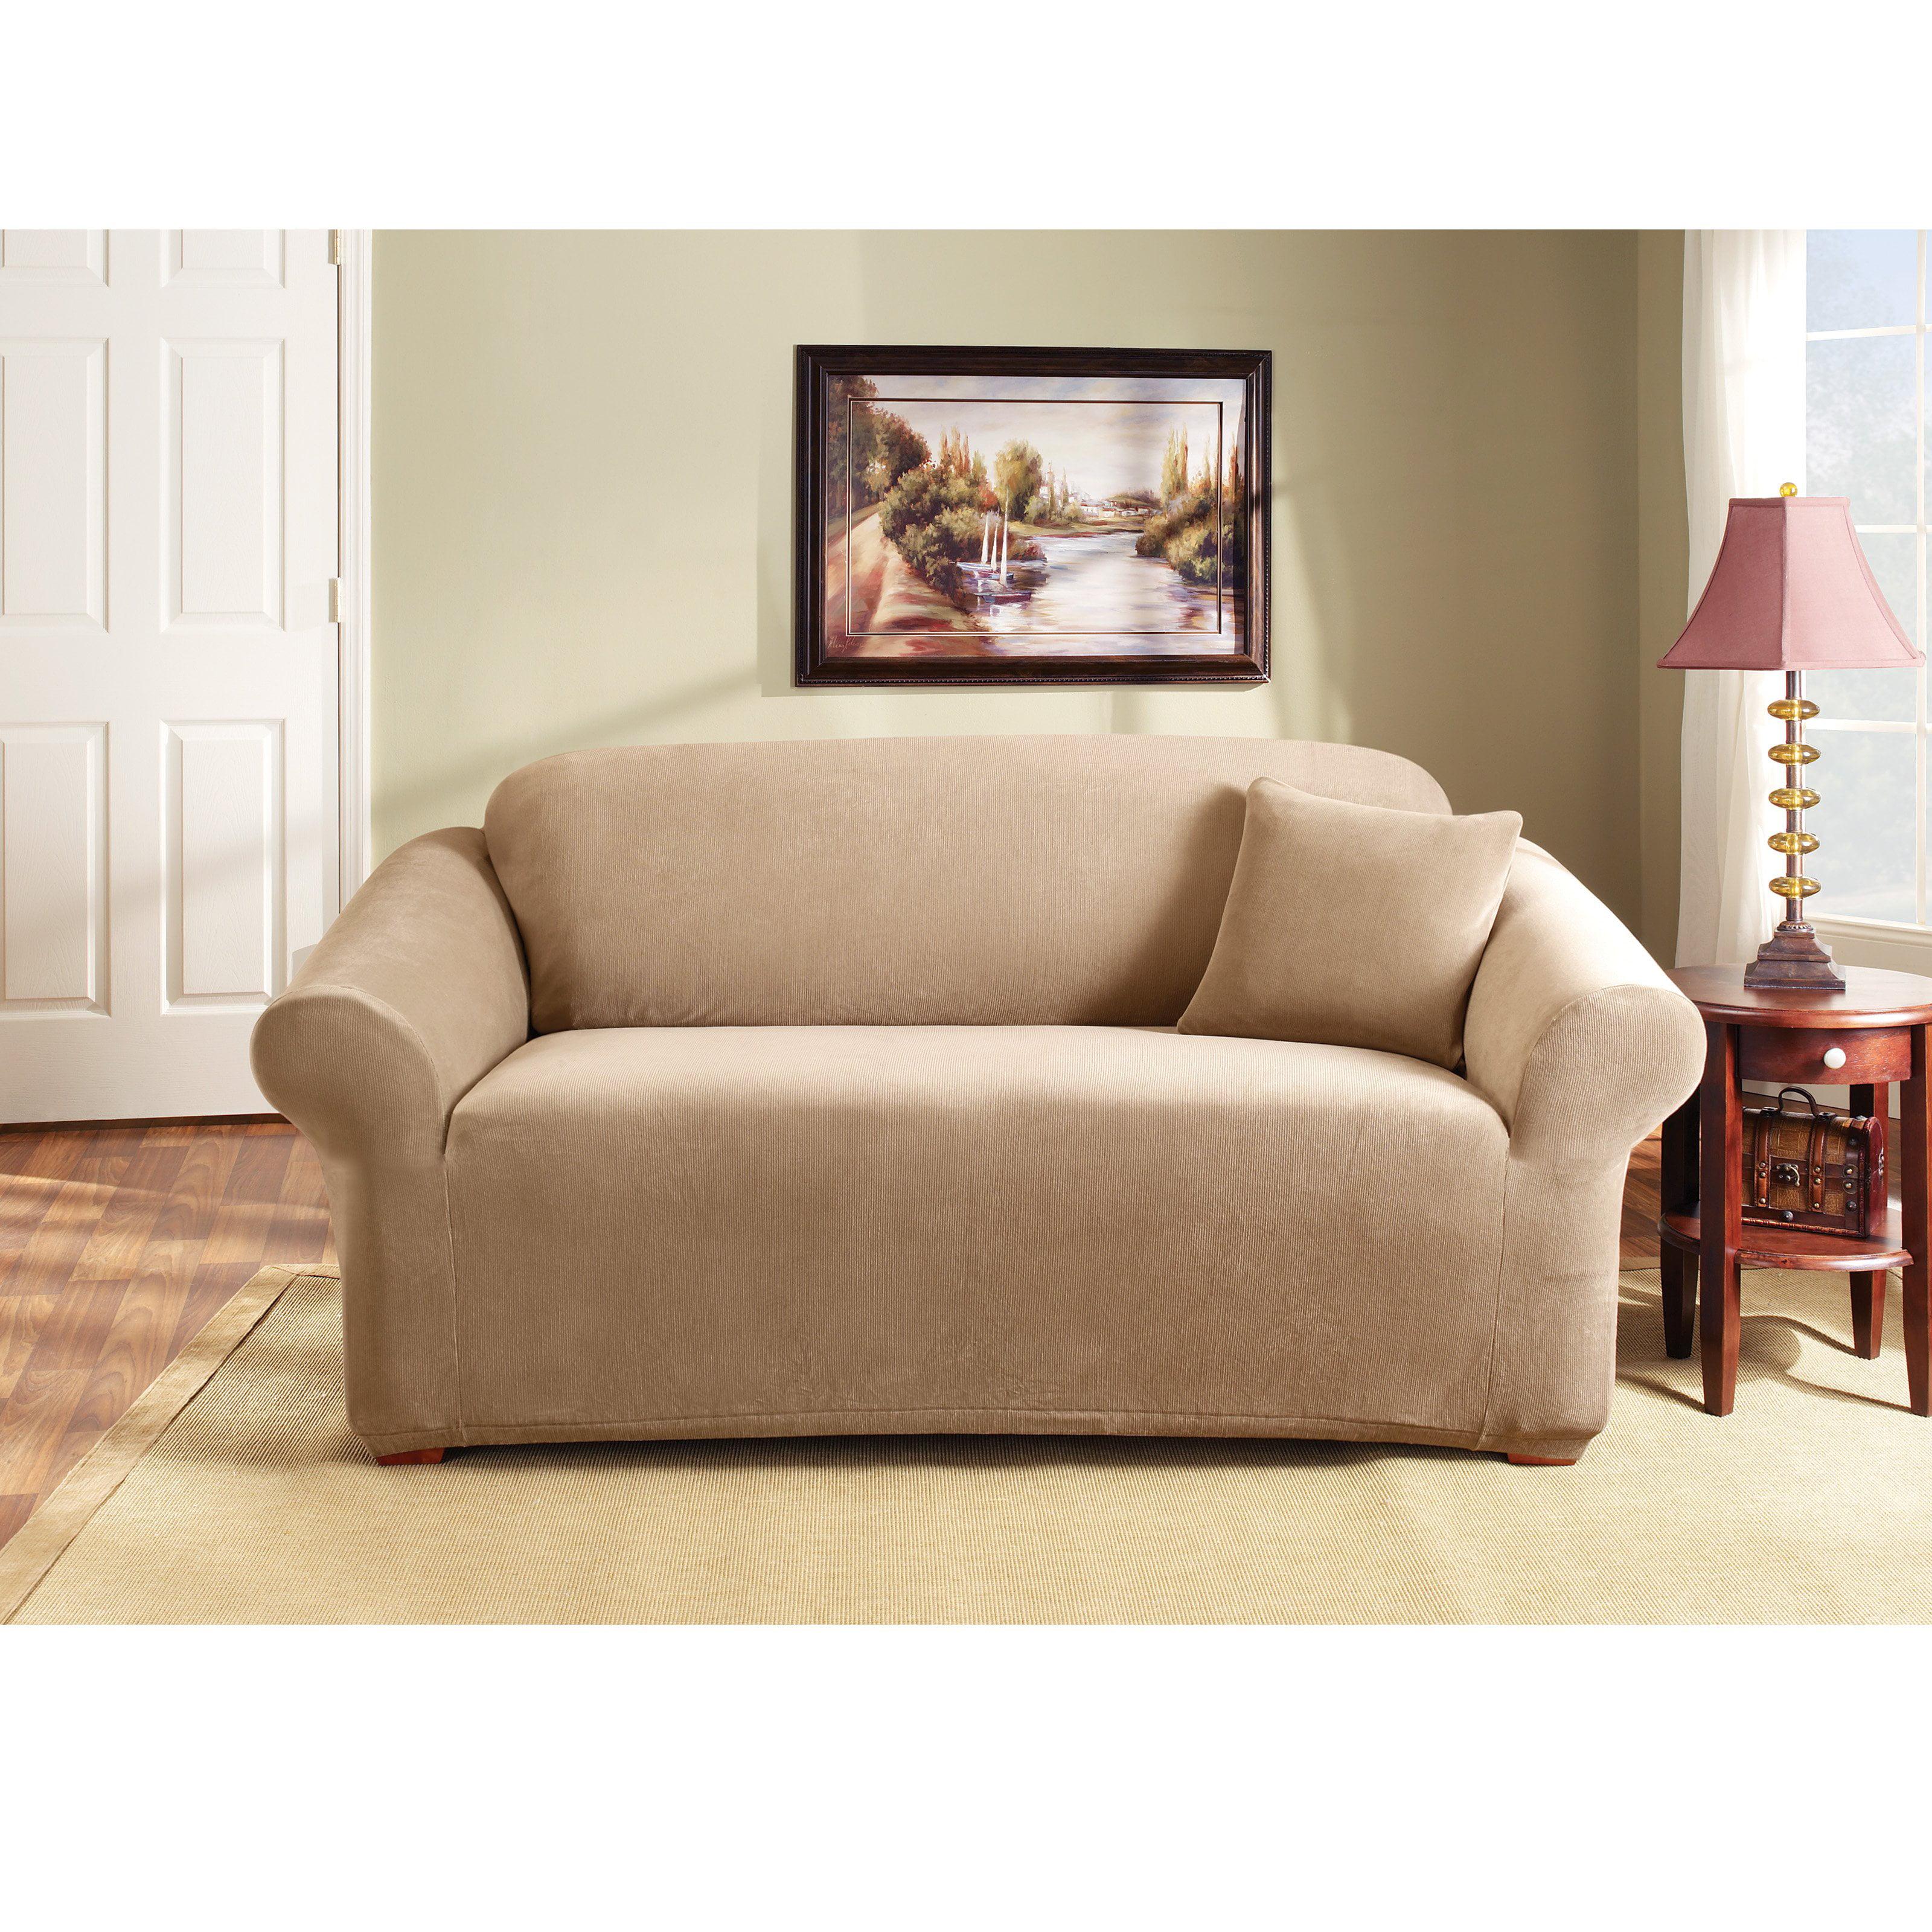 Sure Fit Stretch Pearson Sofa Slipcover   Coffee   Walmart.com